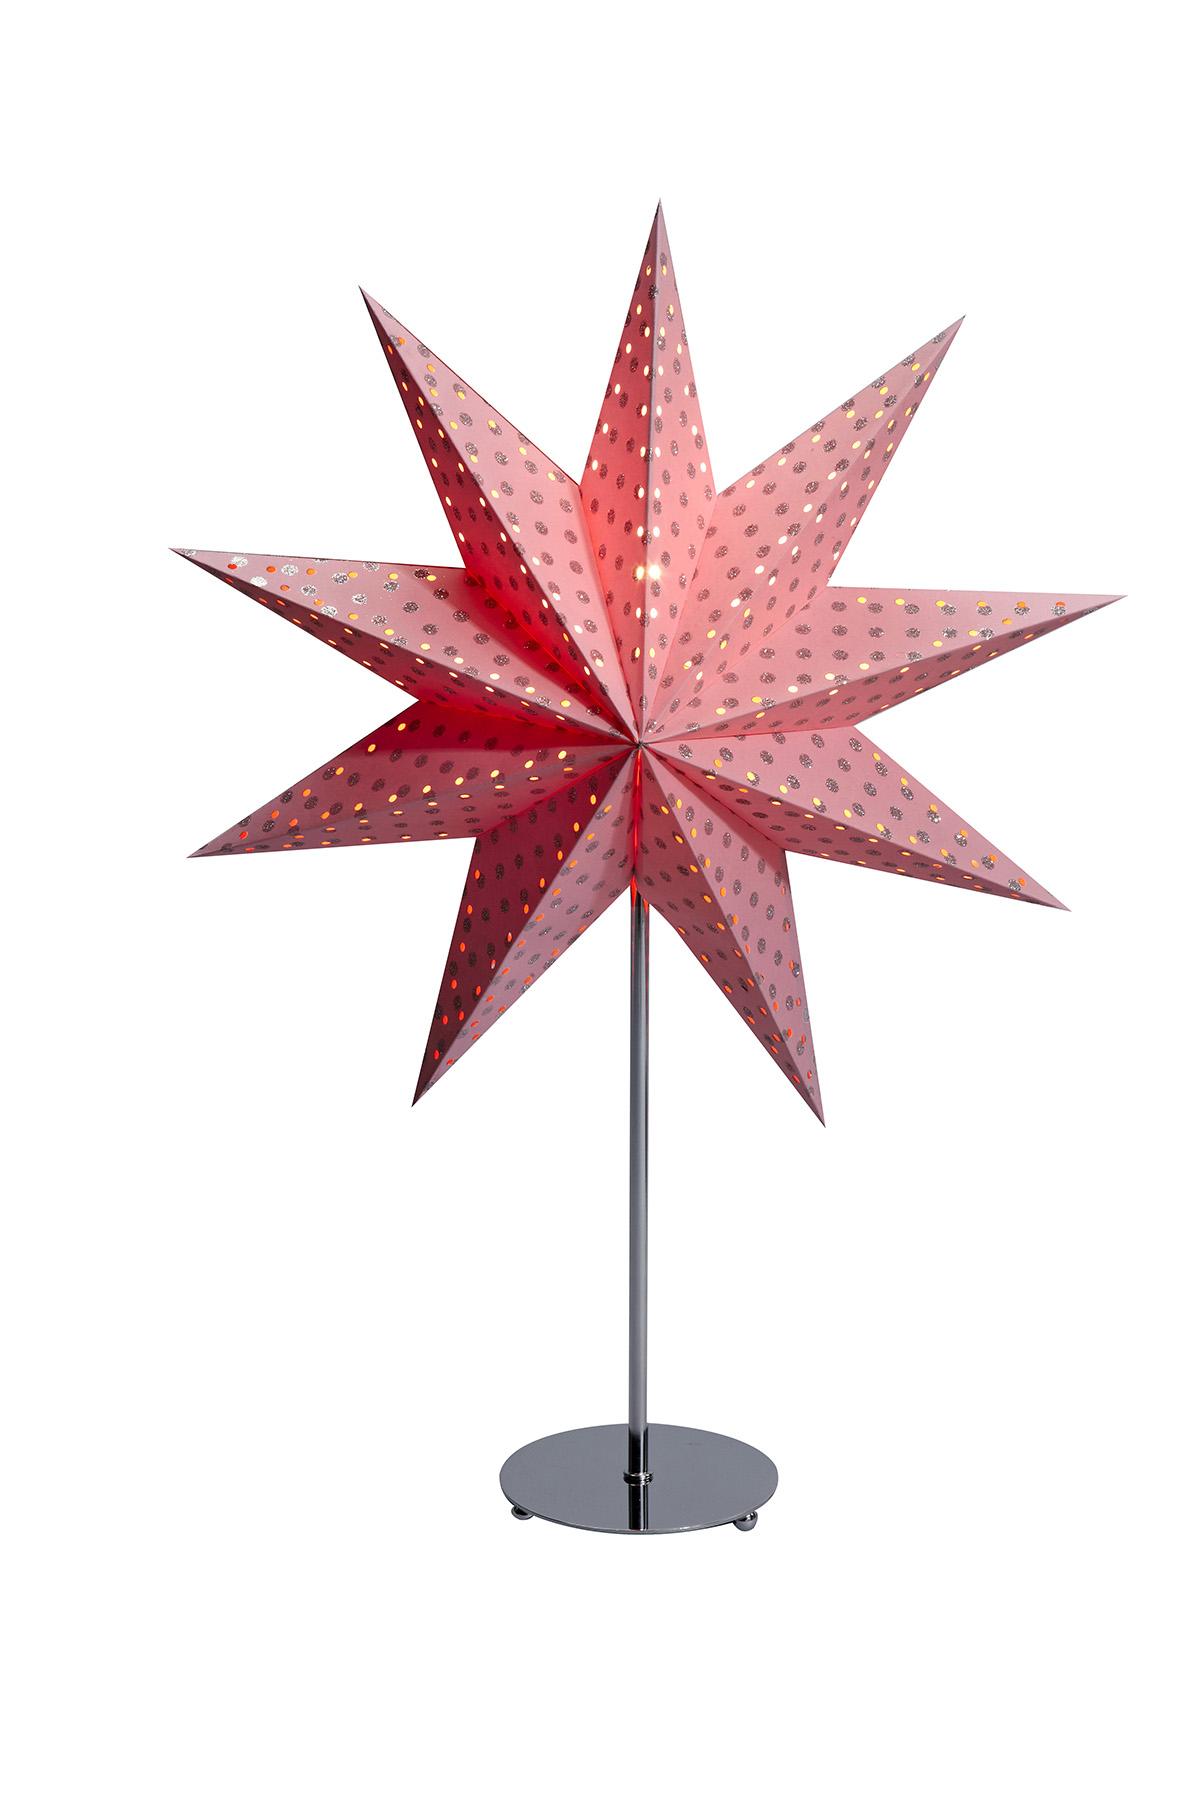 beleuchteter dekostern weihnachtsstern gr fsn s mit st nder aus stahl 66cm ros ebay. Black Bedroom Furniture Sets. Home Design Ideas